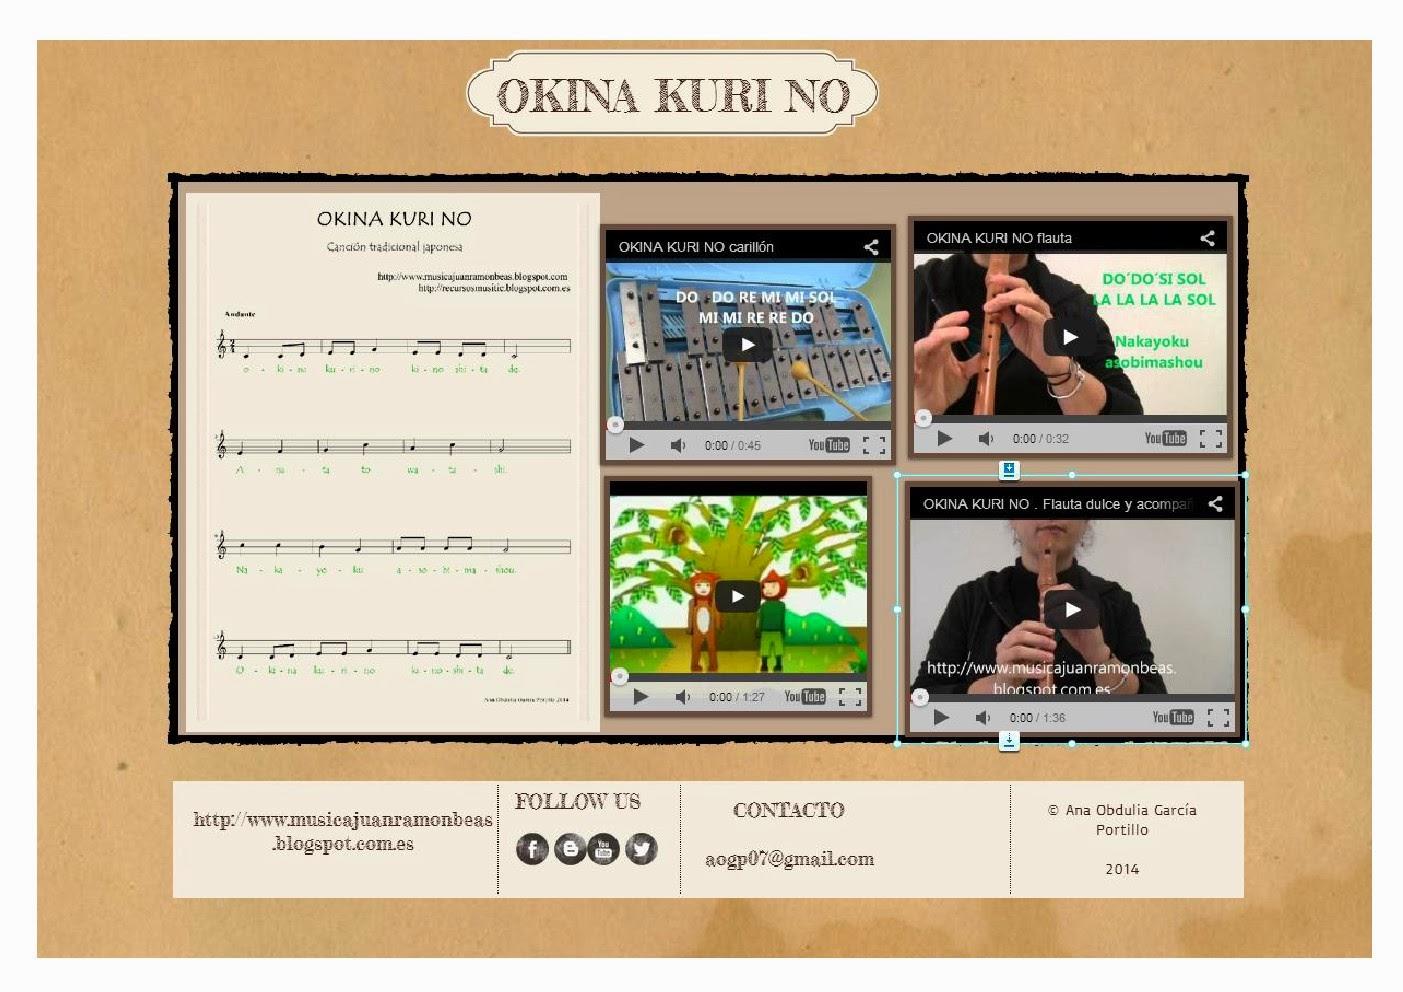 http://aogp07.wixsite.com/okina-kuri-no